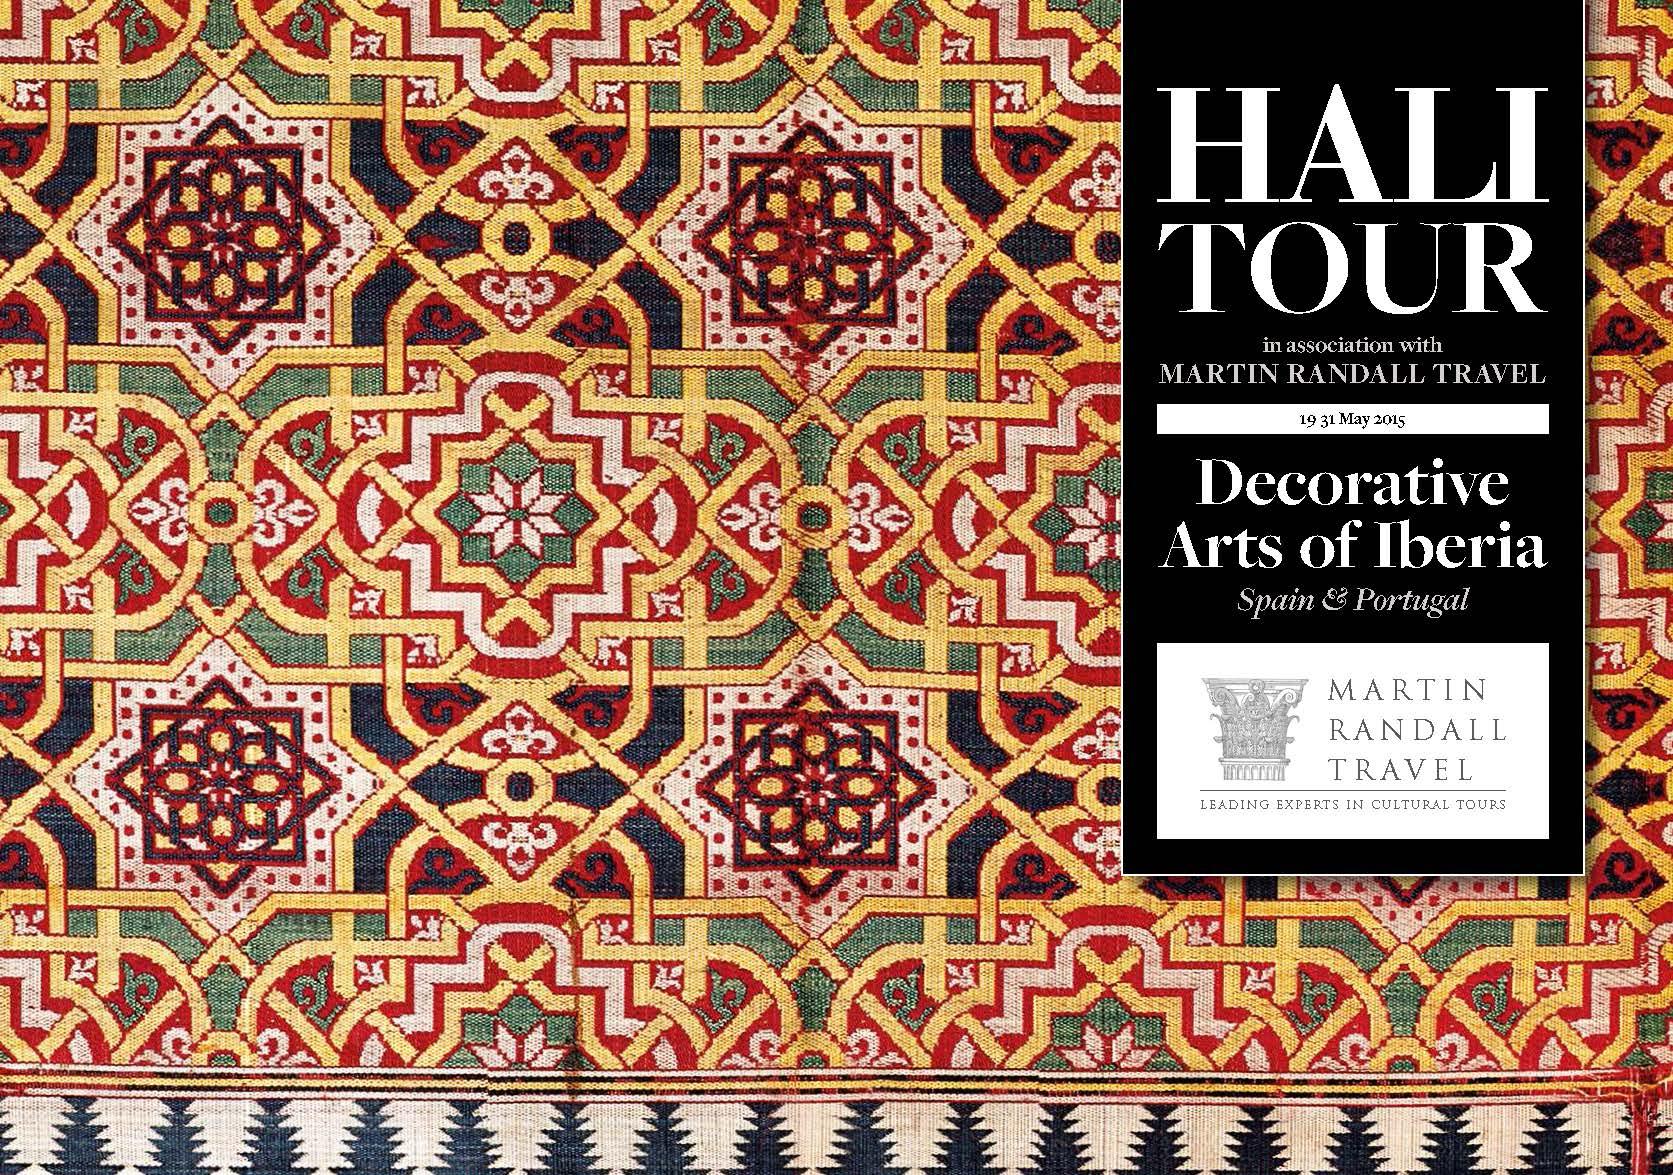 HALI_TOUR_SPAIN_BROCHURE 2_Page_01